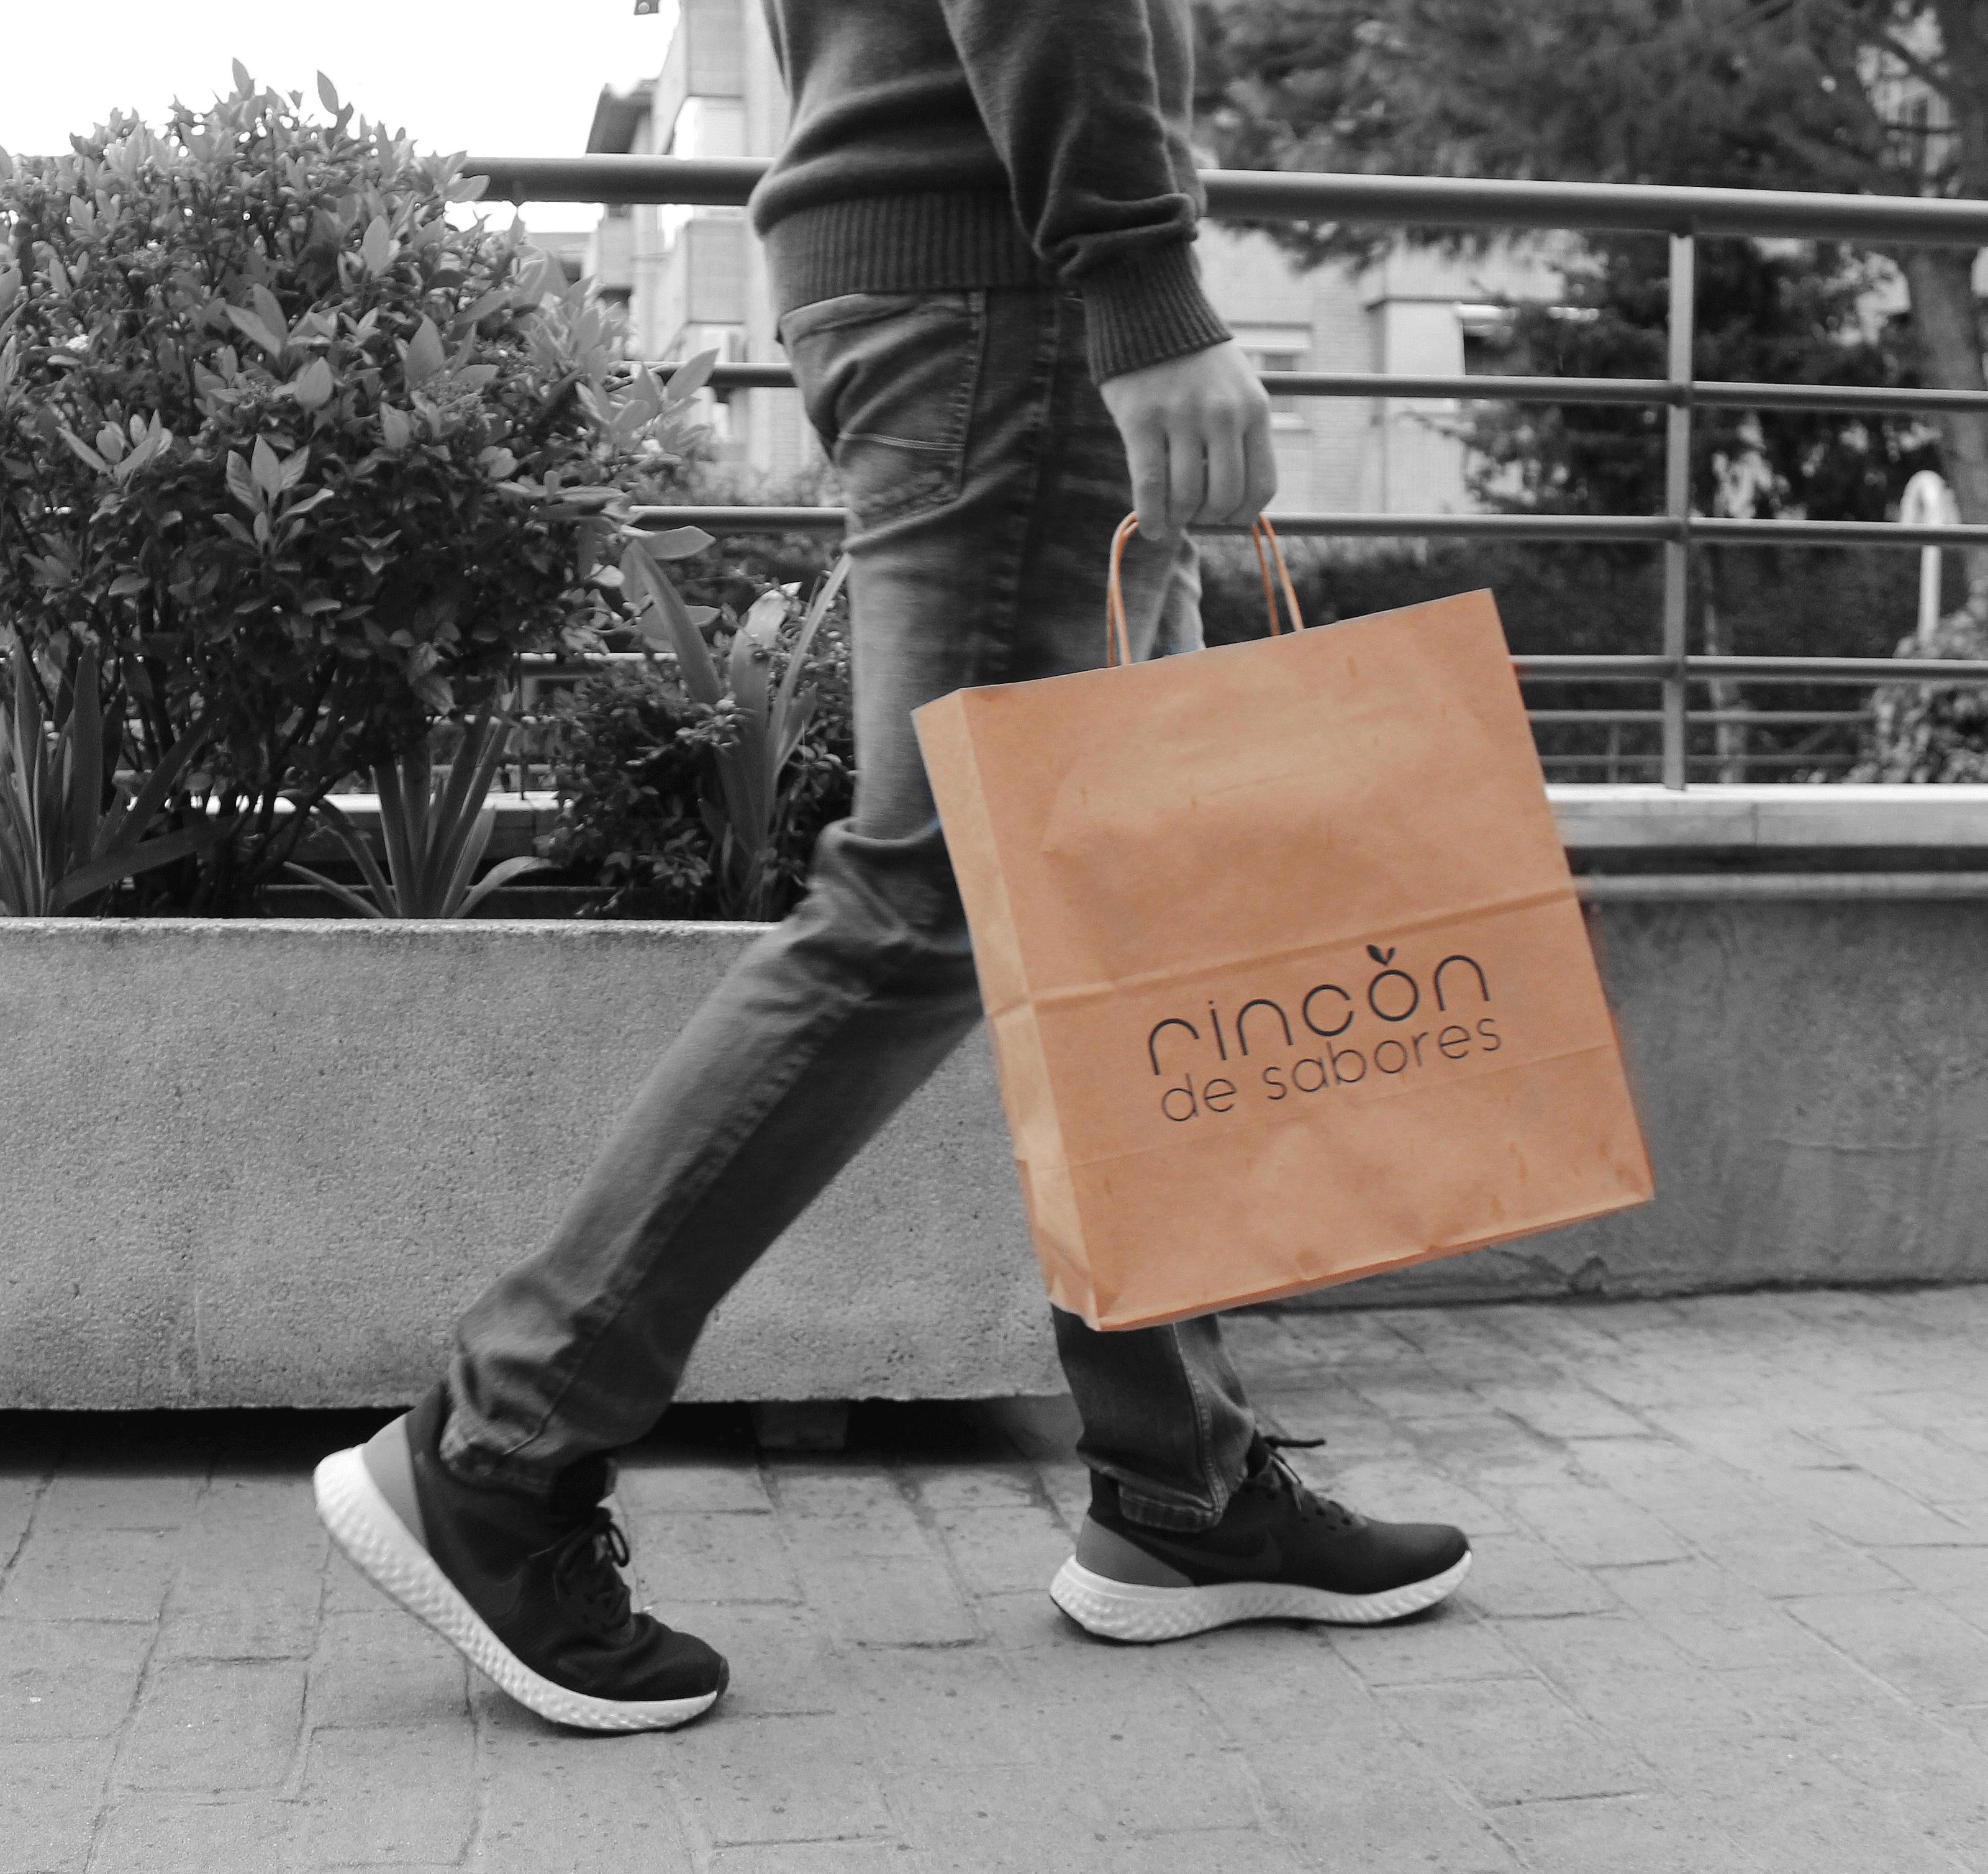 Un cliente transporta una bolsa de Rincón de Sabores